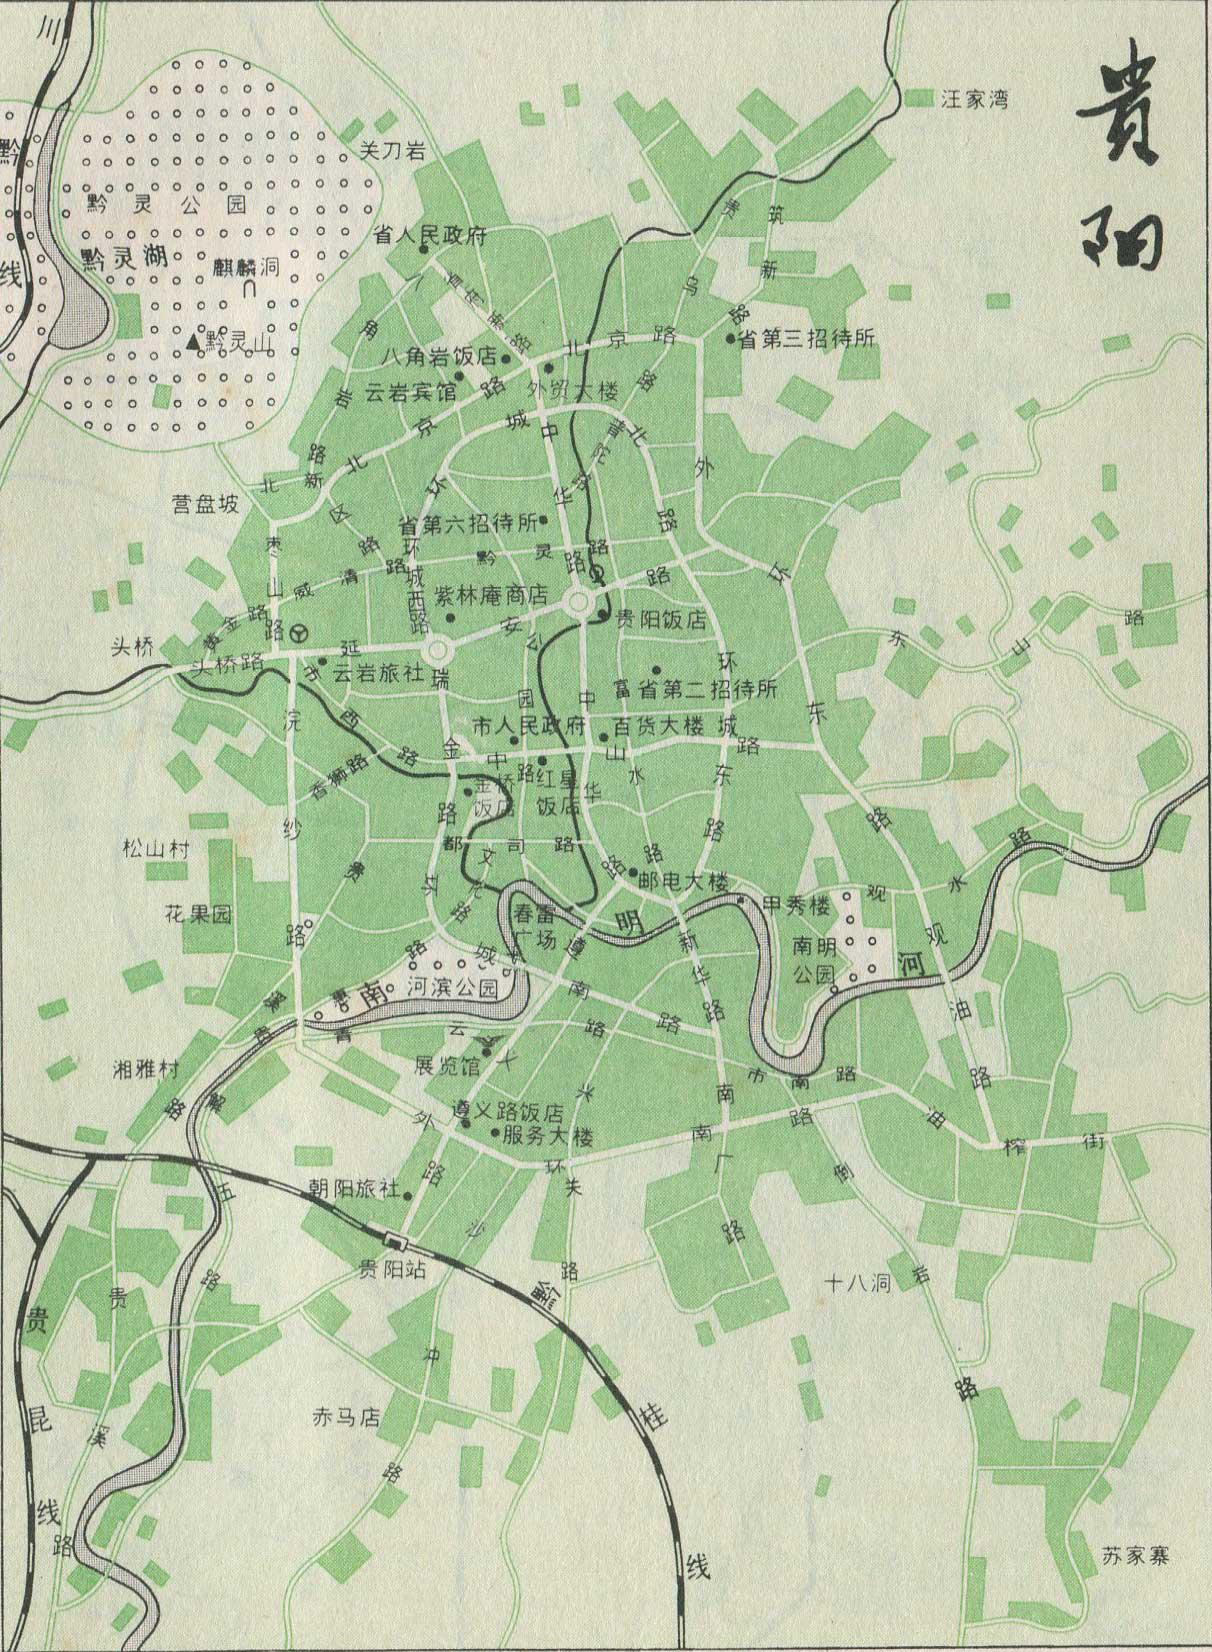 贵阳市铁路线路图_交通地图库_地图窝图片